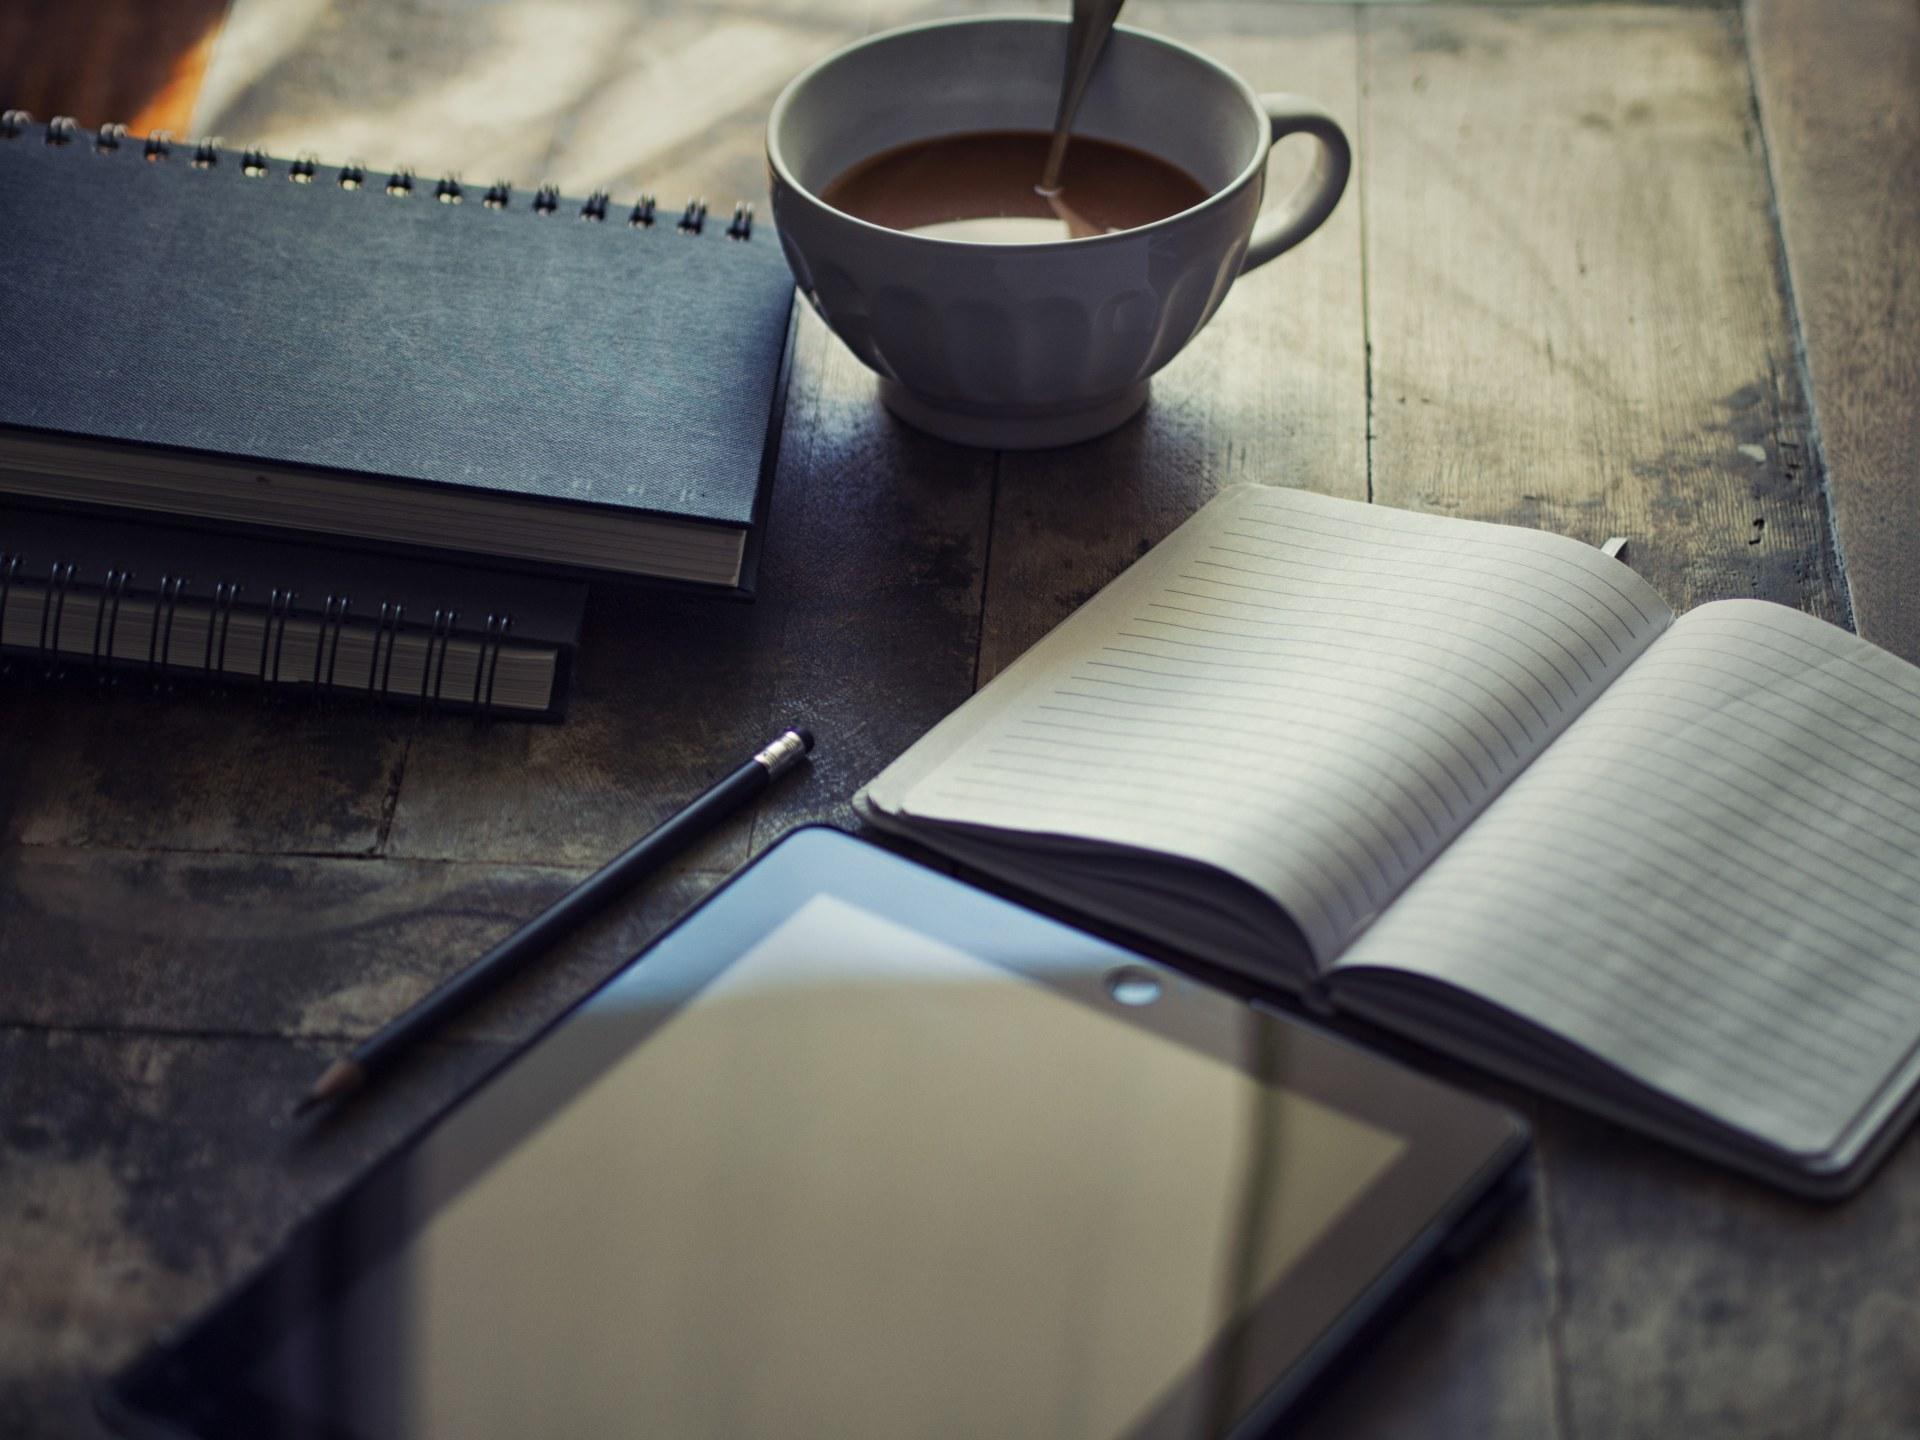 Na stole leży rozłożony zeszyt, obok niego stoi kawa, tablet, notoqatniki i leży ołówek.